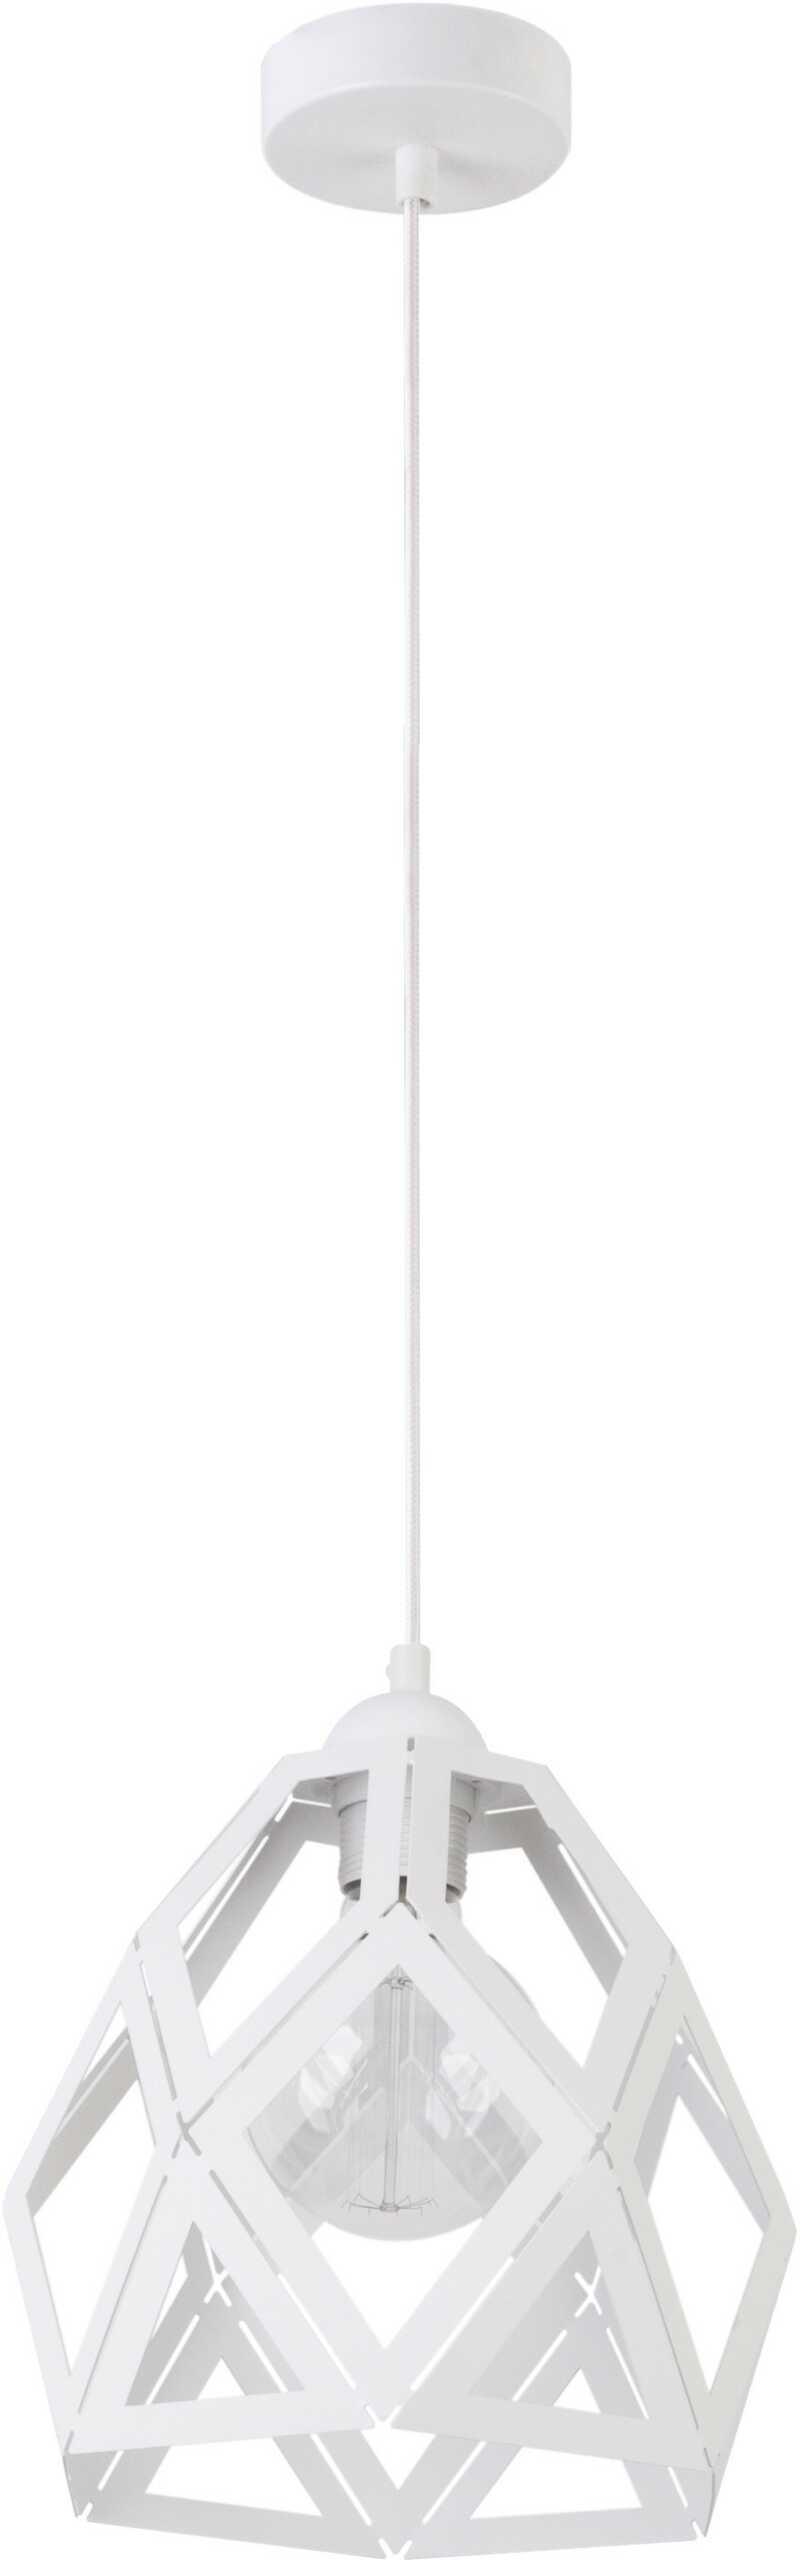 Lampa wisząca TAO M biała 31727 - Sigma Do -17% rabatu w koszyku i darmowa dostawa od 299zł !